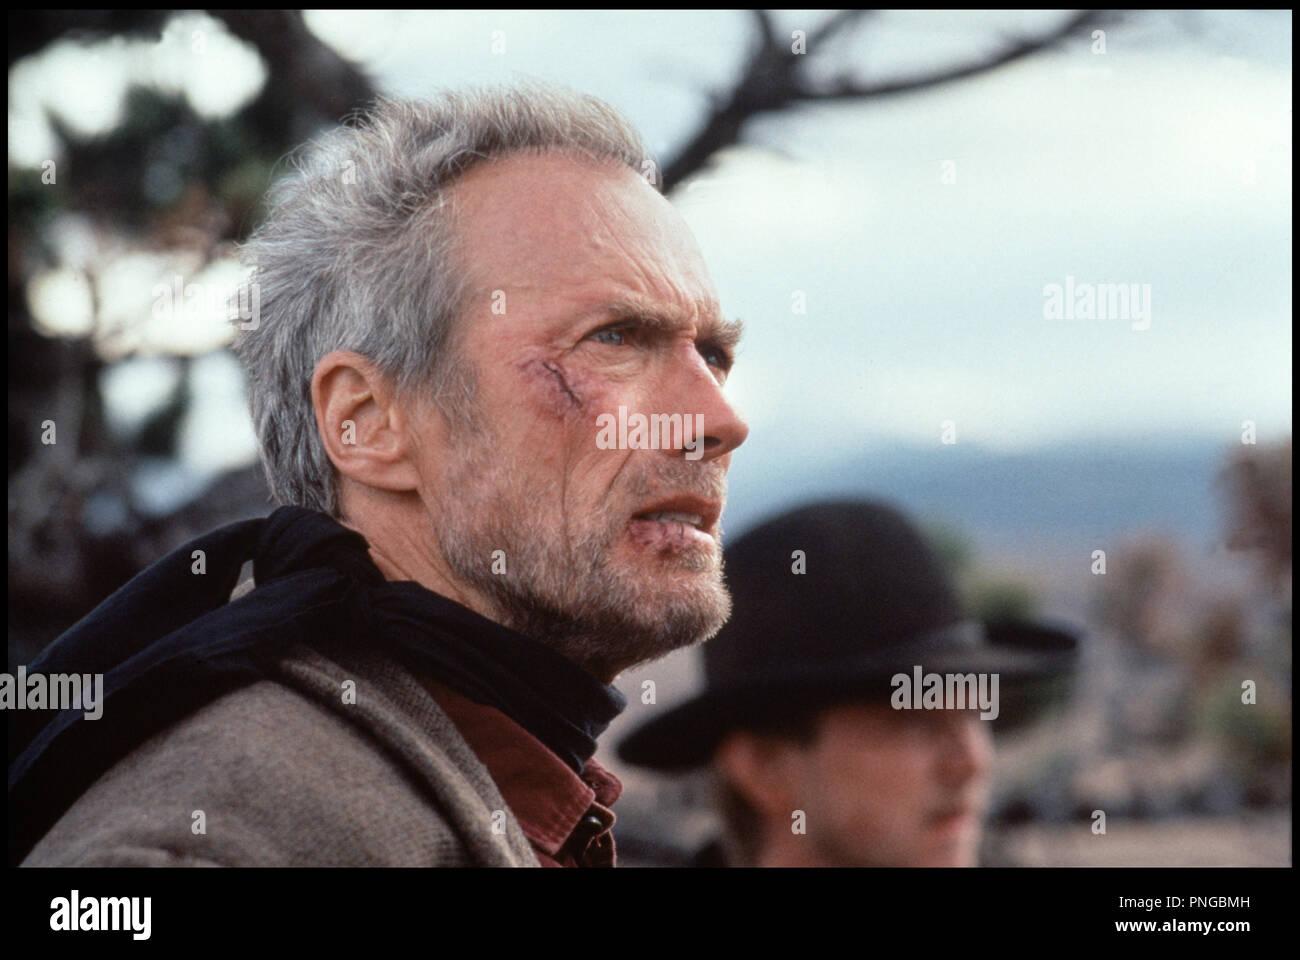 Prod DB © Malpaso - Warner Bros / DR  IMPITOYABLE (UNFORGIVEN) de Clint Eastwood 1992 USA  avec Clint Eastwood portrait - Stock Image